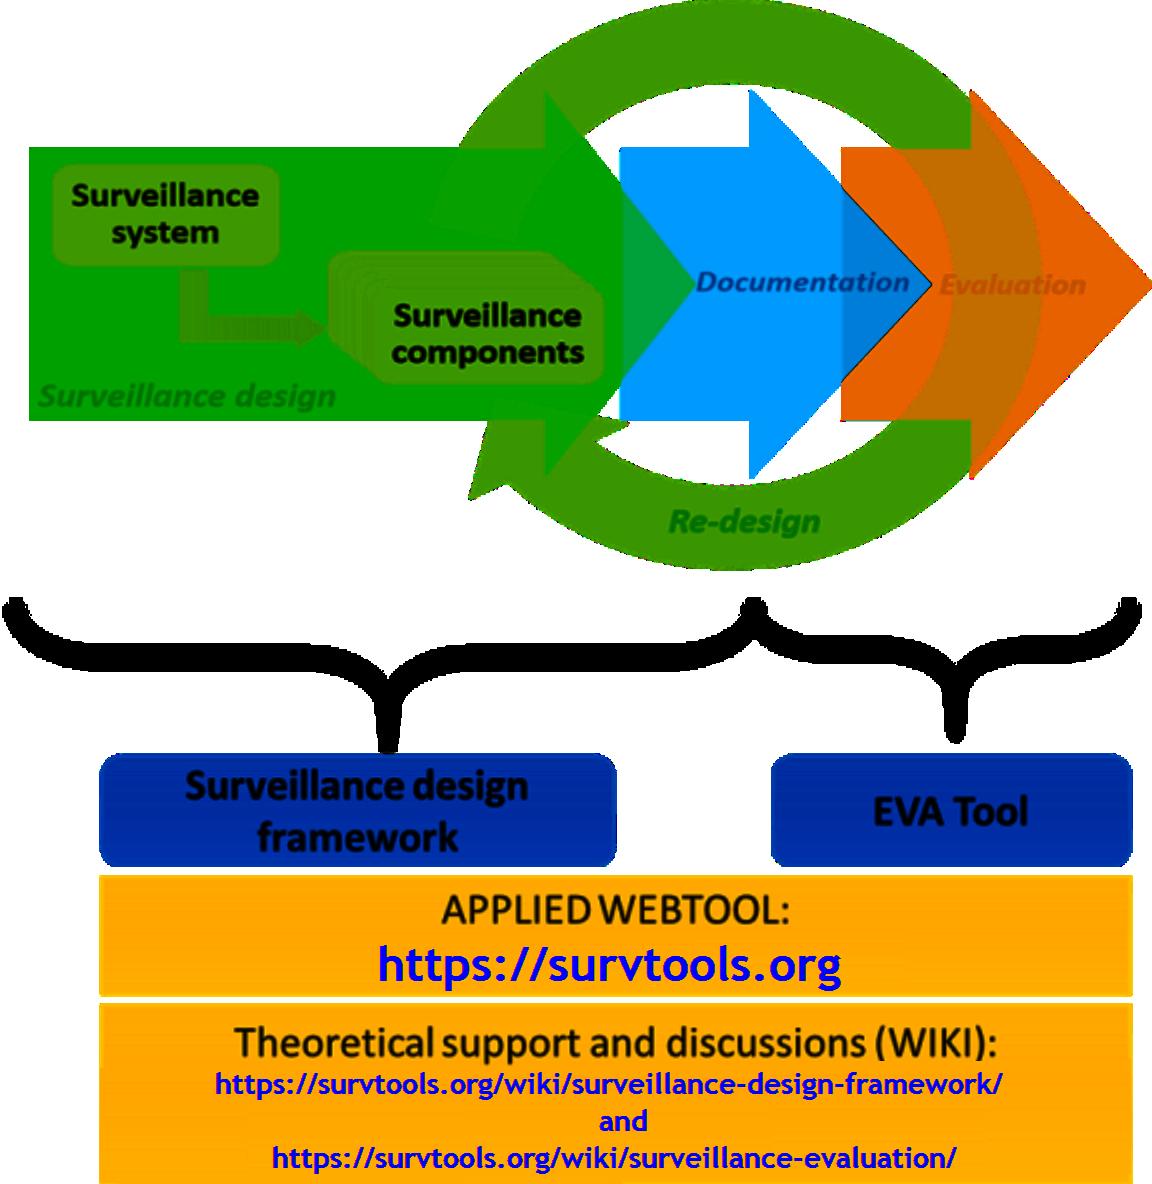 Risksur Tools For Surveillance Design And Evaluation Www Fp7 Risksur Eu